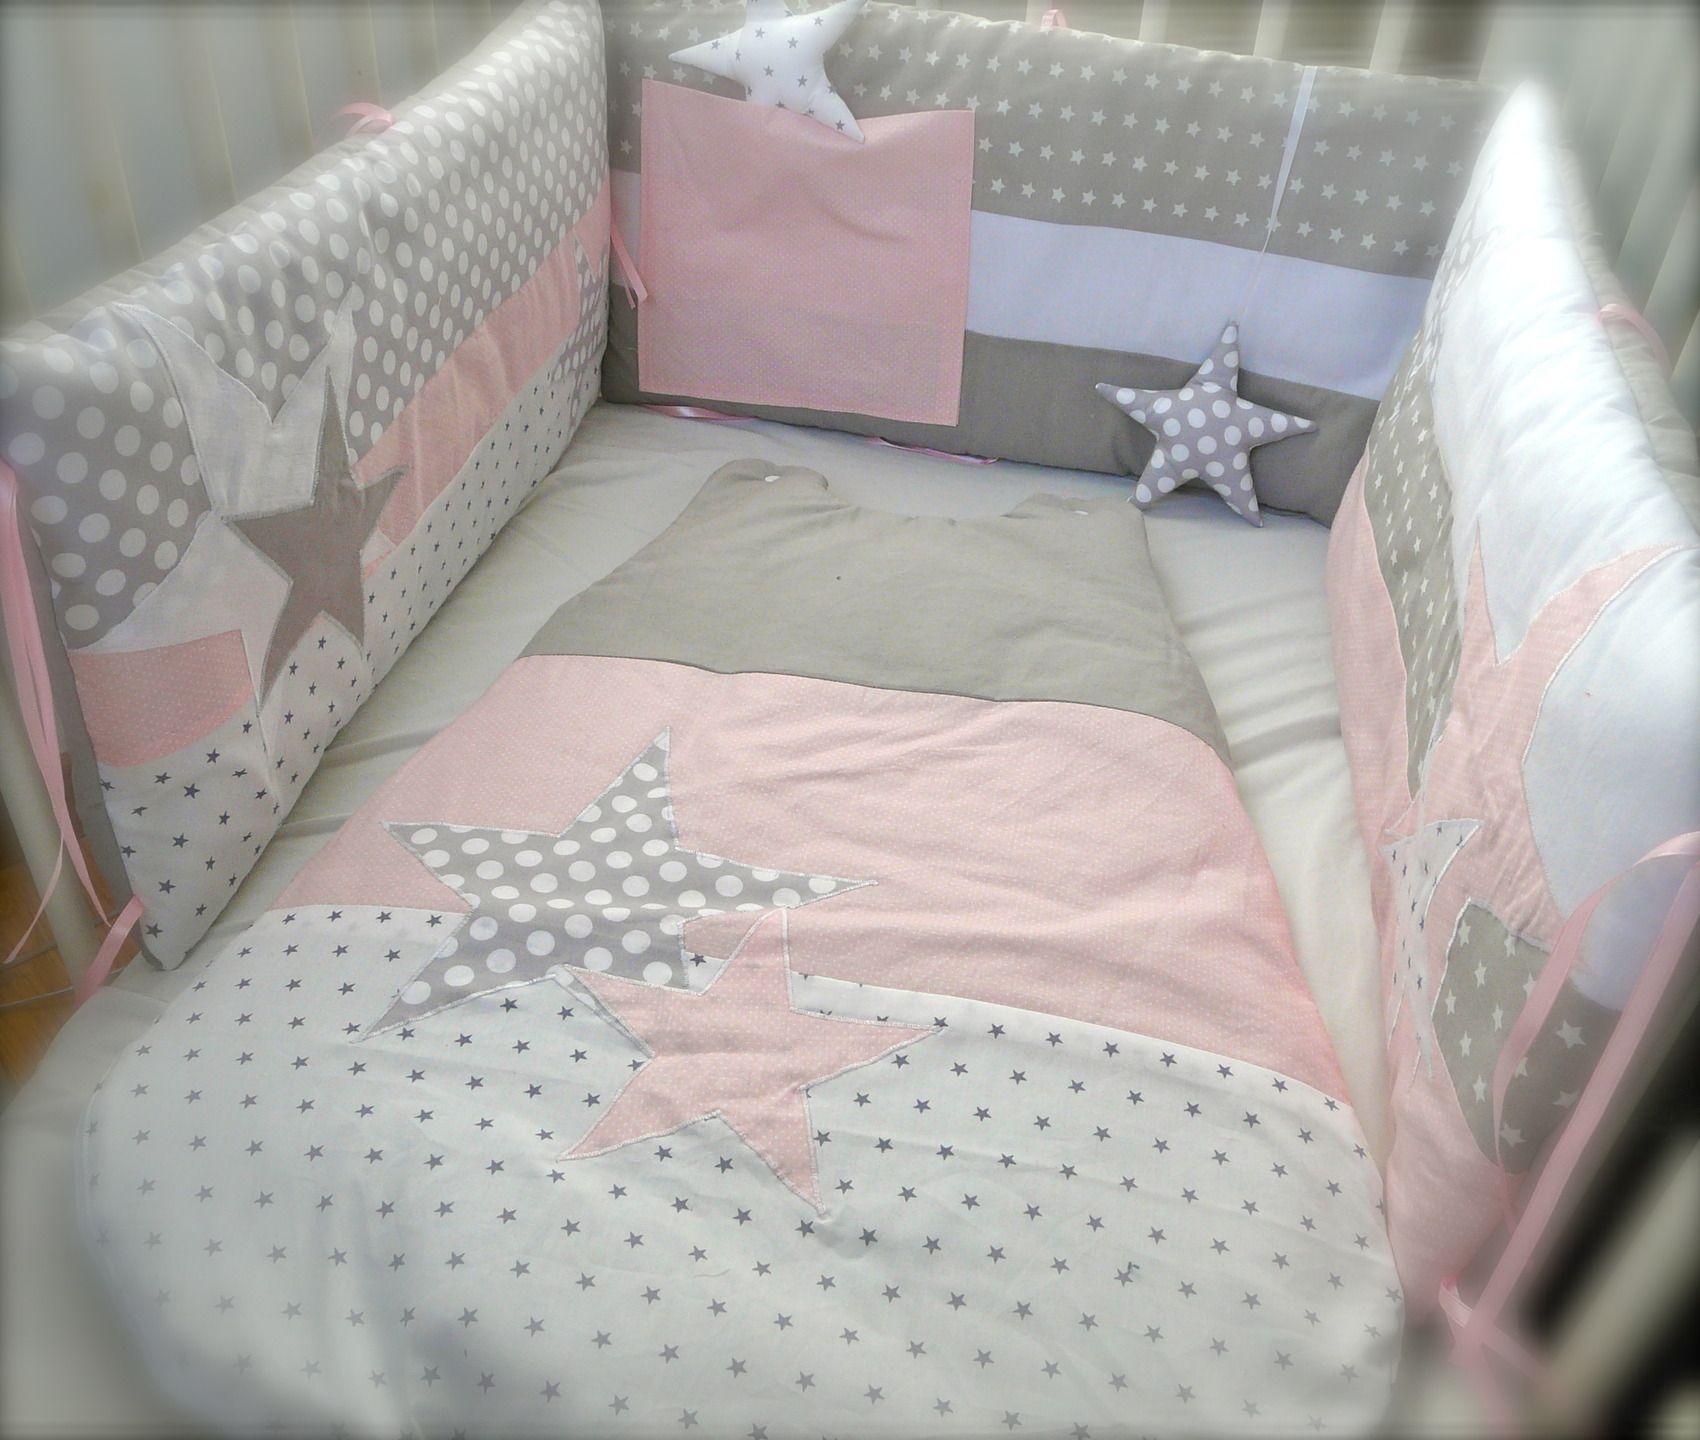 Tour de lit et gigoteuse 0-6 mois Etoiles rose et gris ...